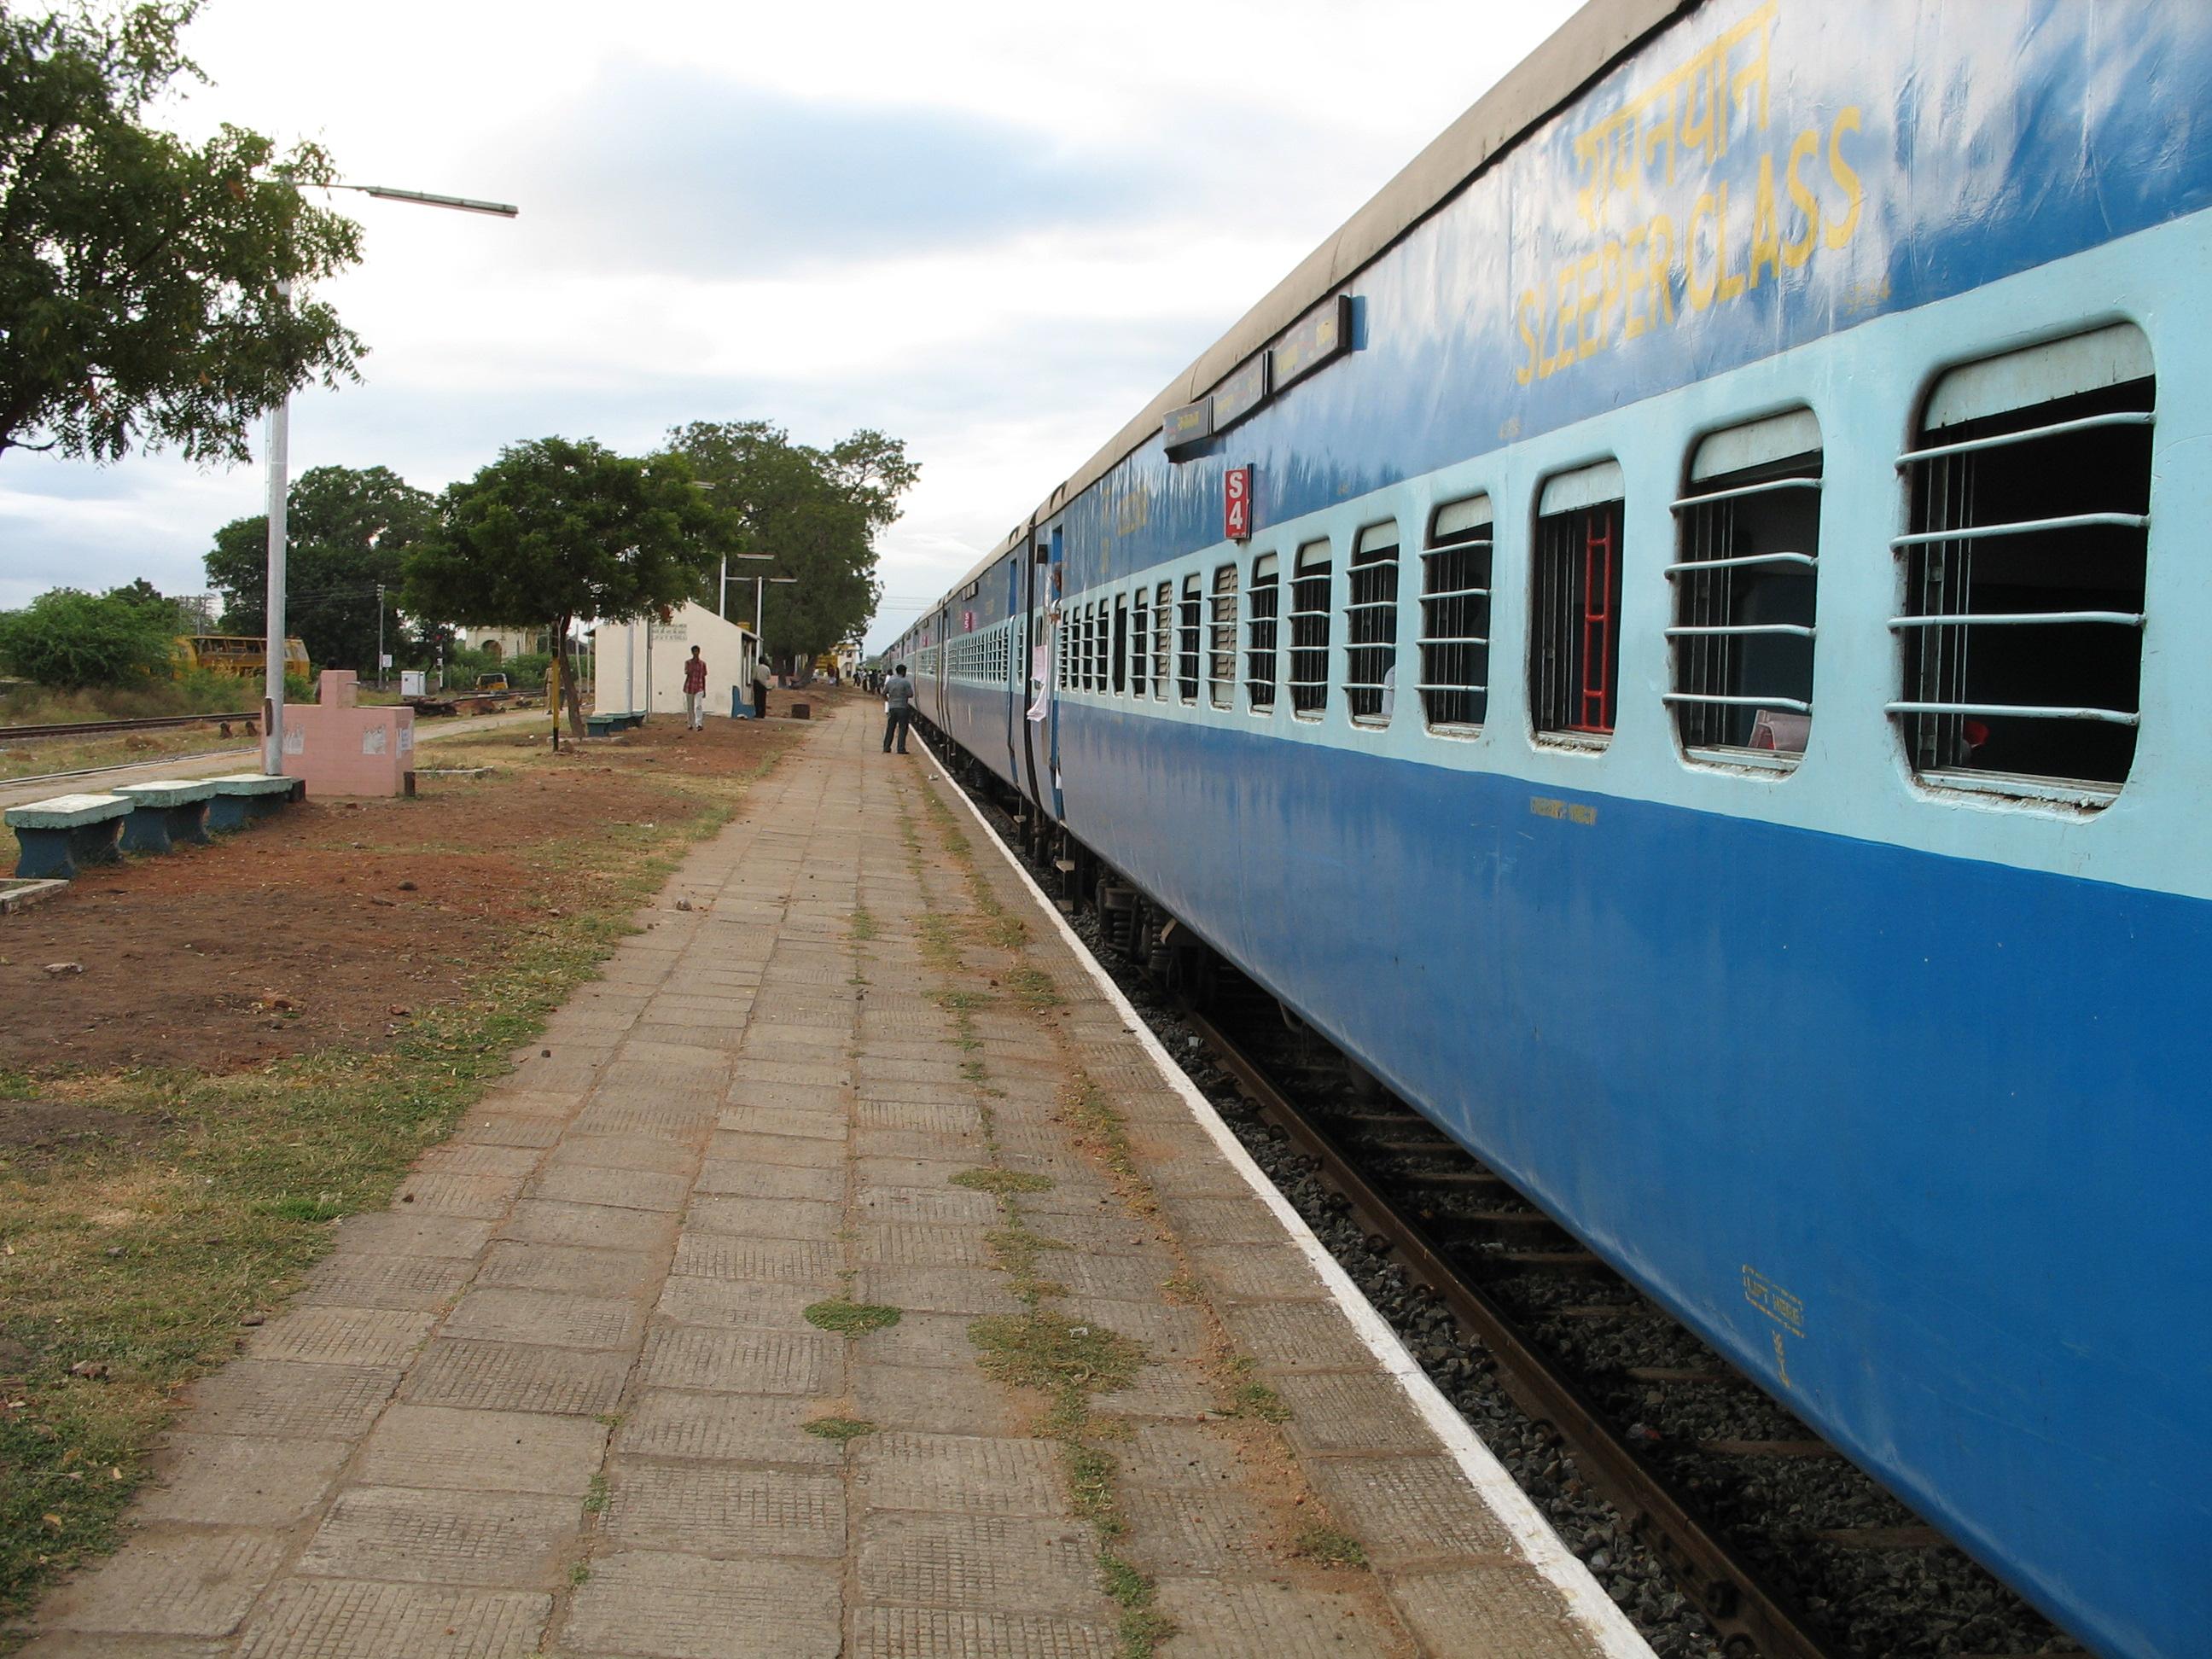 भारतीय रेलवे बोर्ड में निकली इस साल की सबसे बड़ी भर्ती